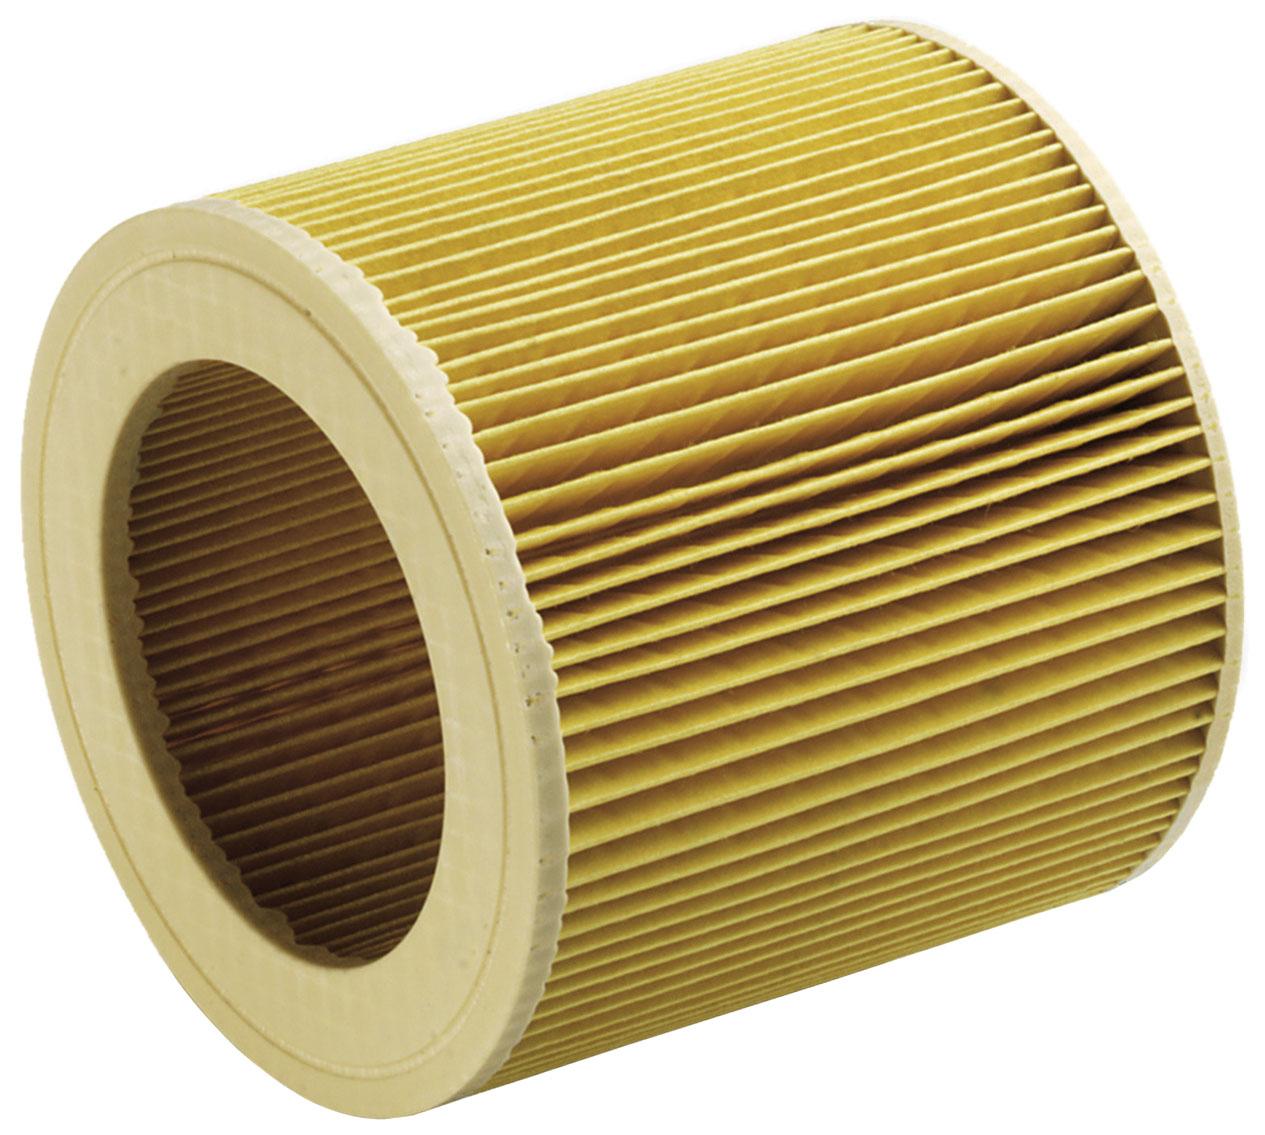 Фильтр для пылесоса Karcher 6.414 552.0